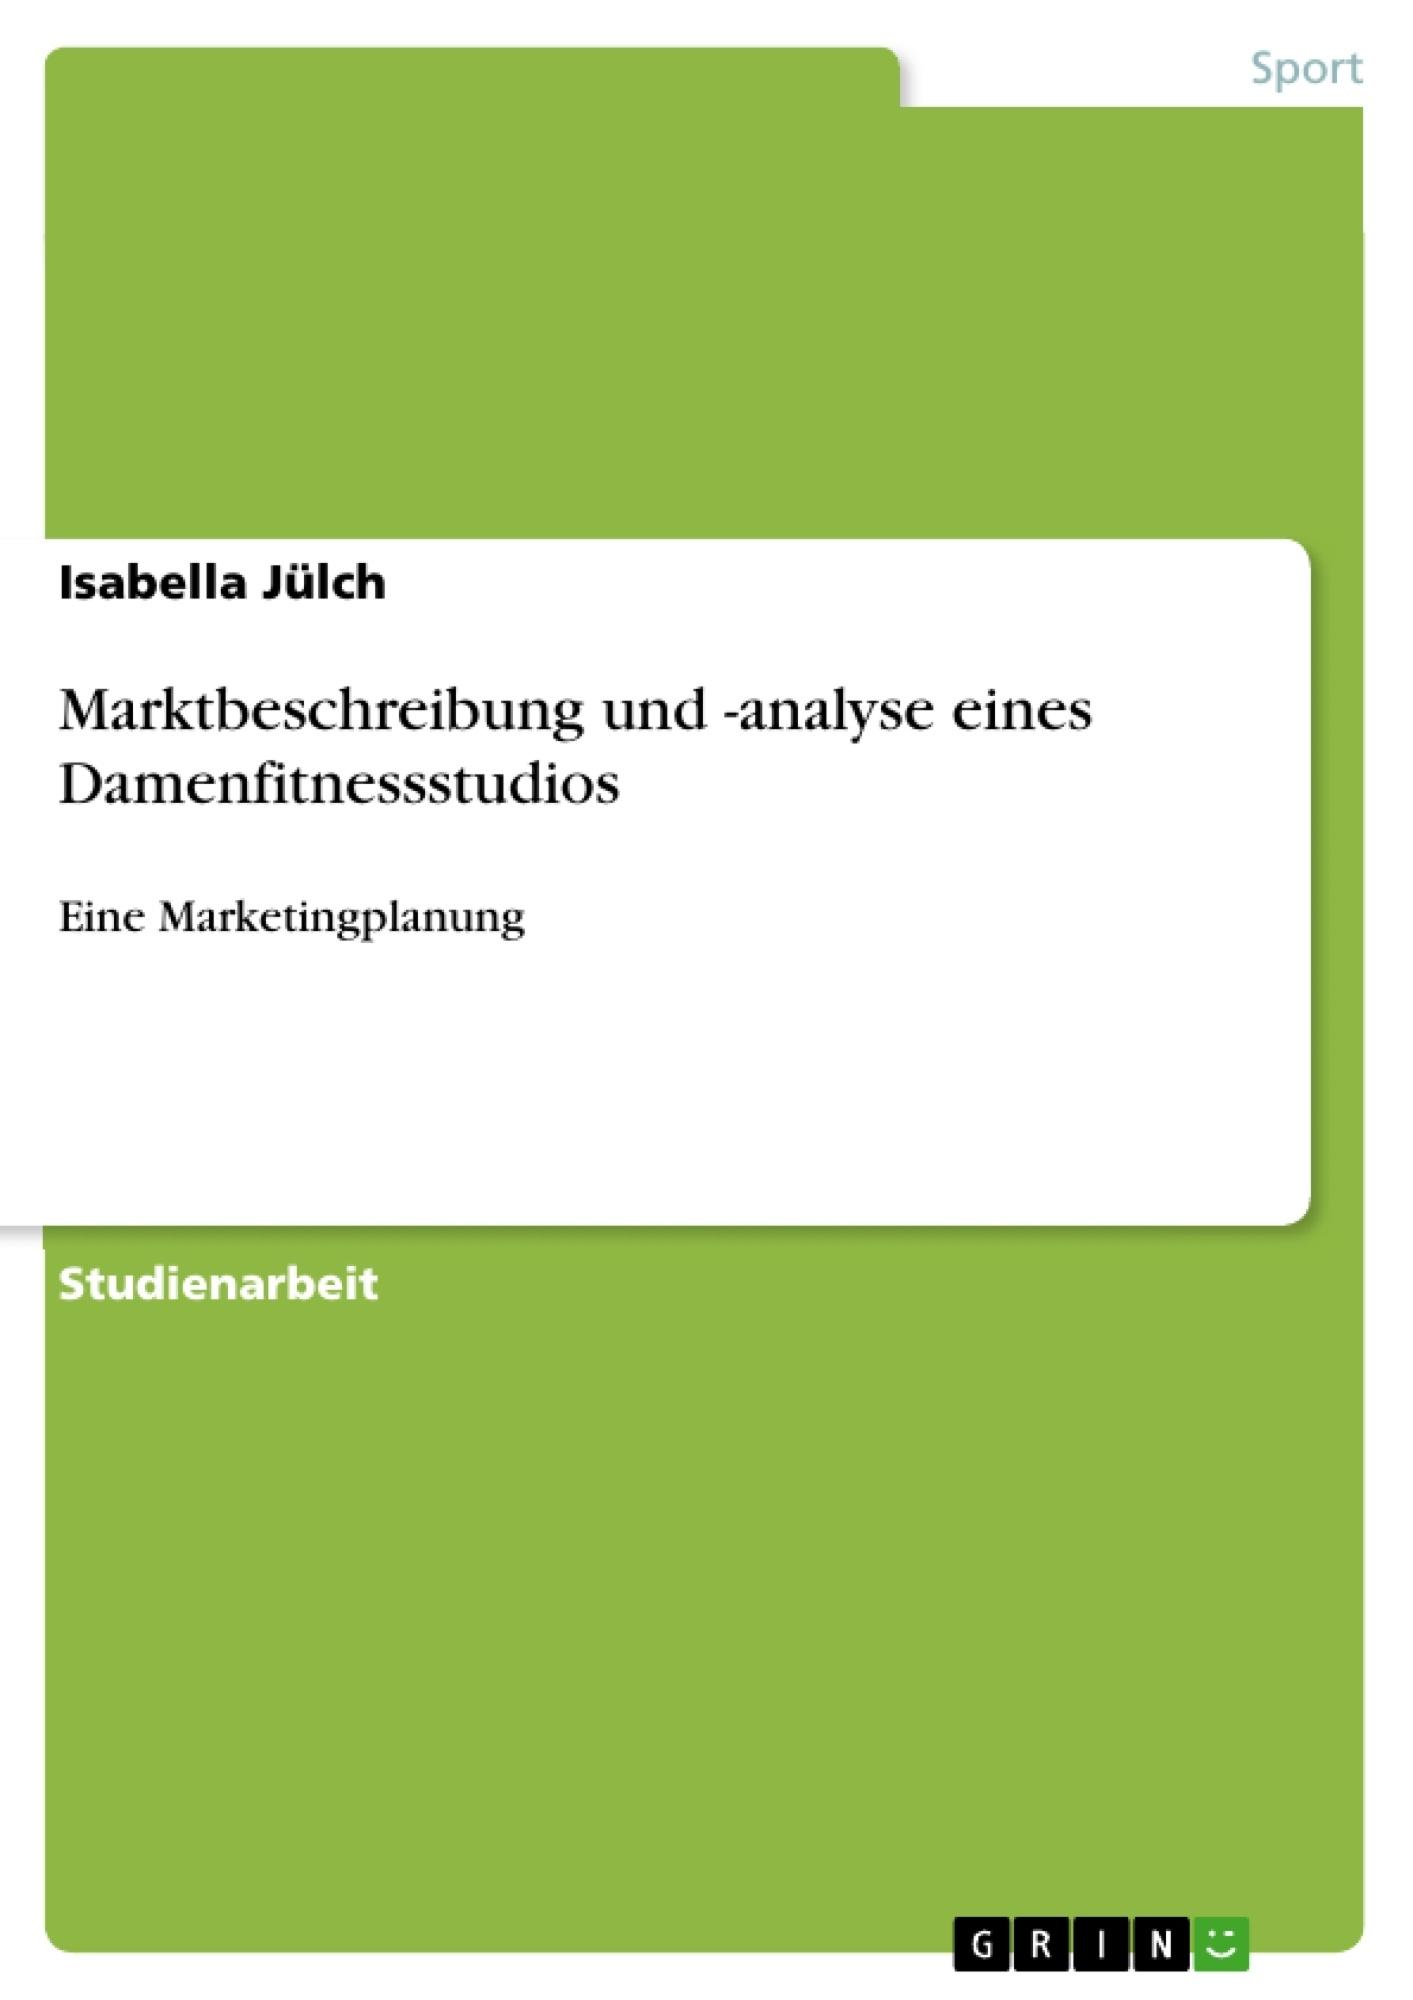 Titel: Marktbeschreibung und -analyse eines Damenfitnessstudios